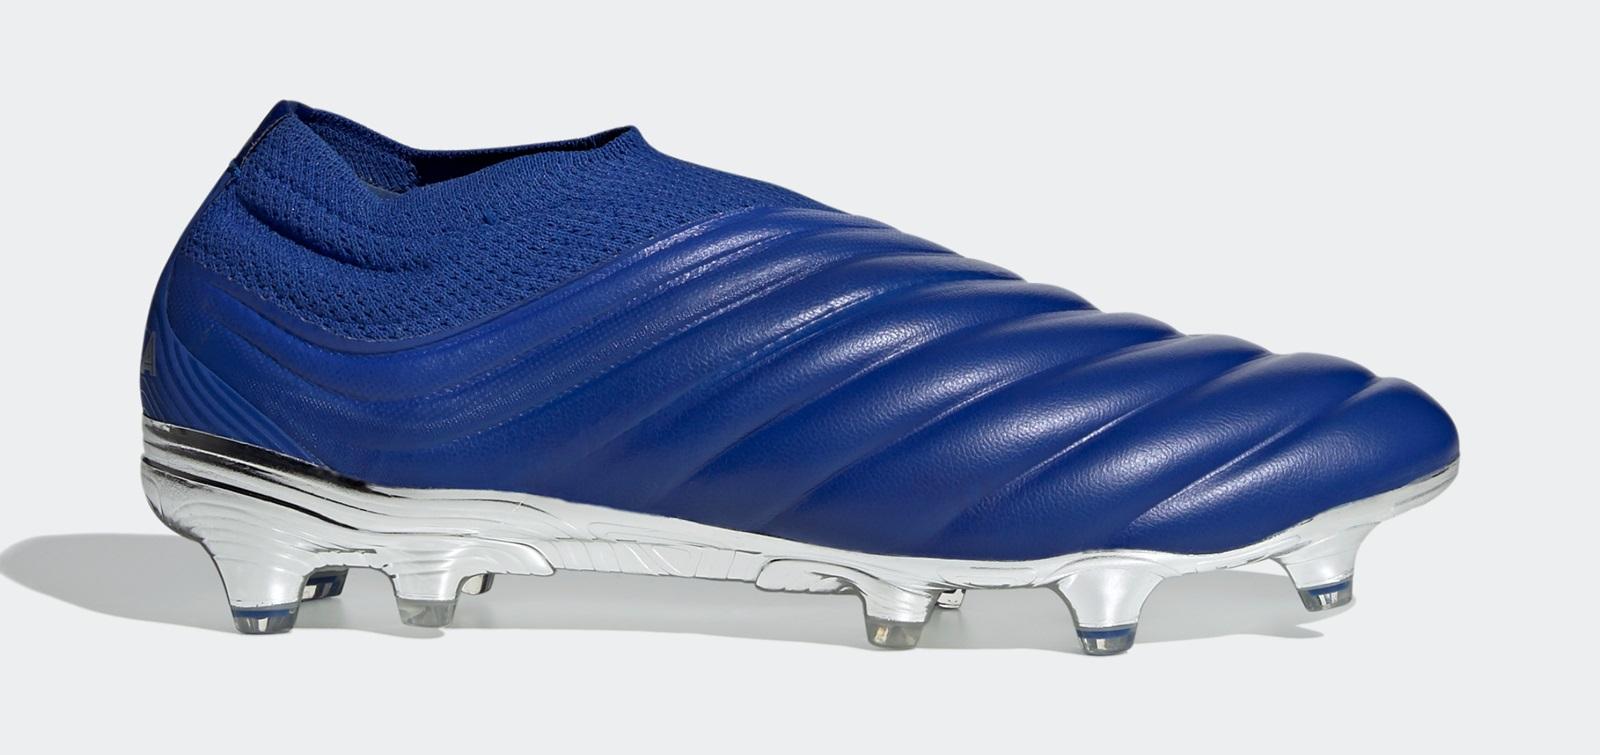 Phiên bản không dây của dòng giày Adidas Copa 19+ được sử dụng trong bóng đá chuyên nghiệp